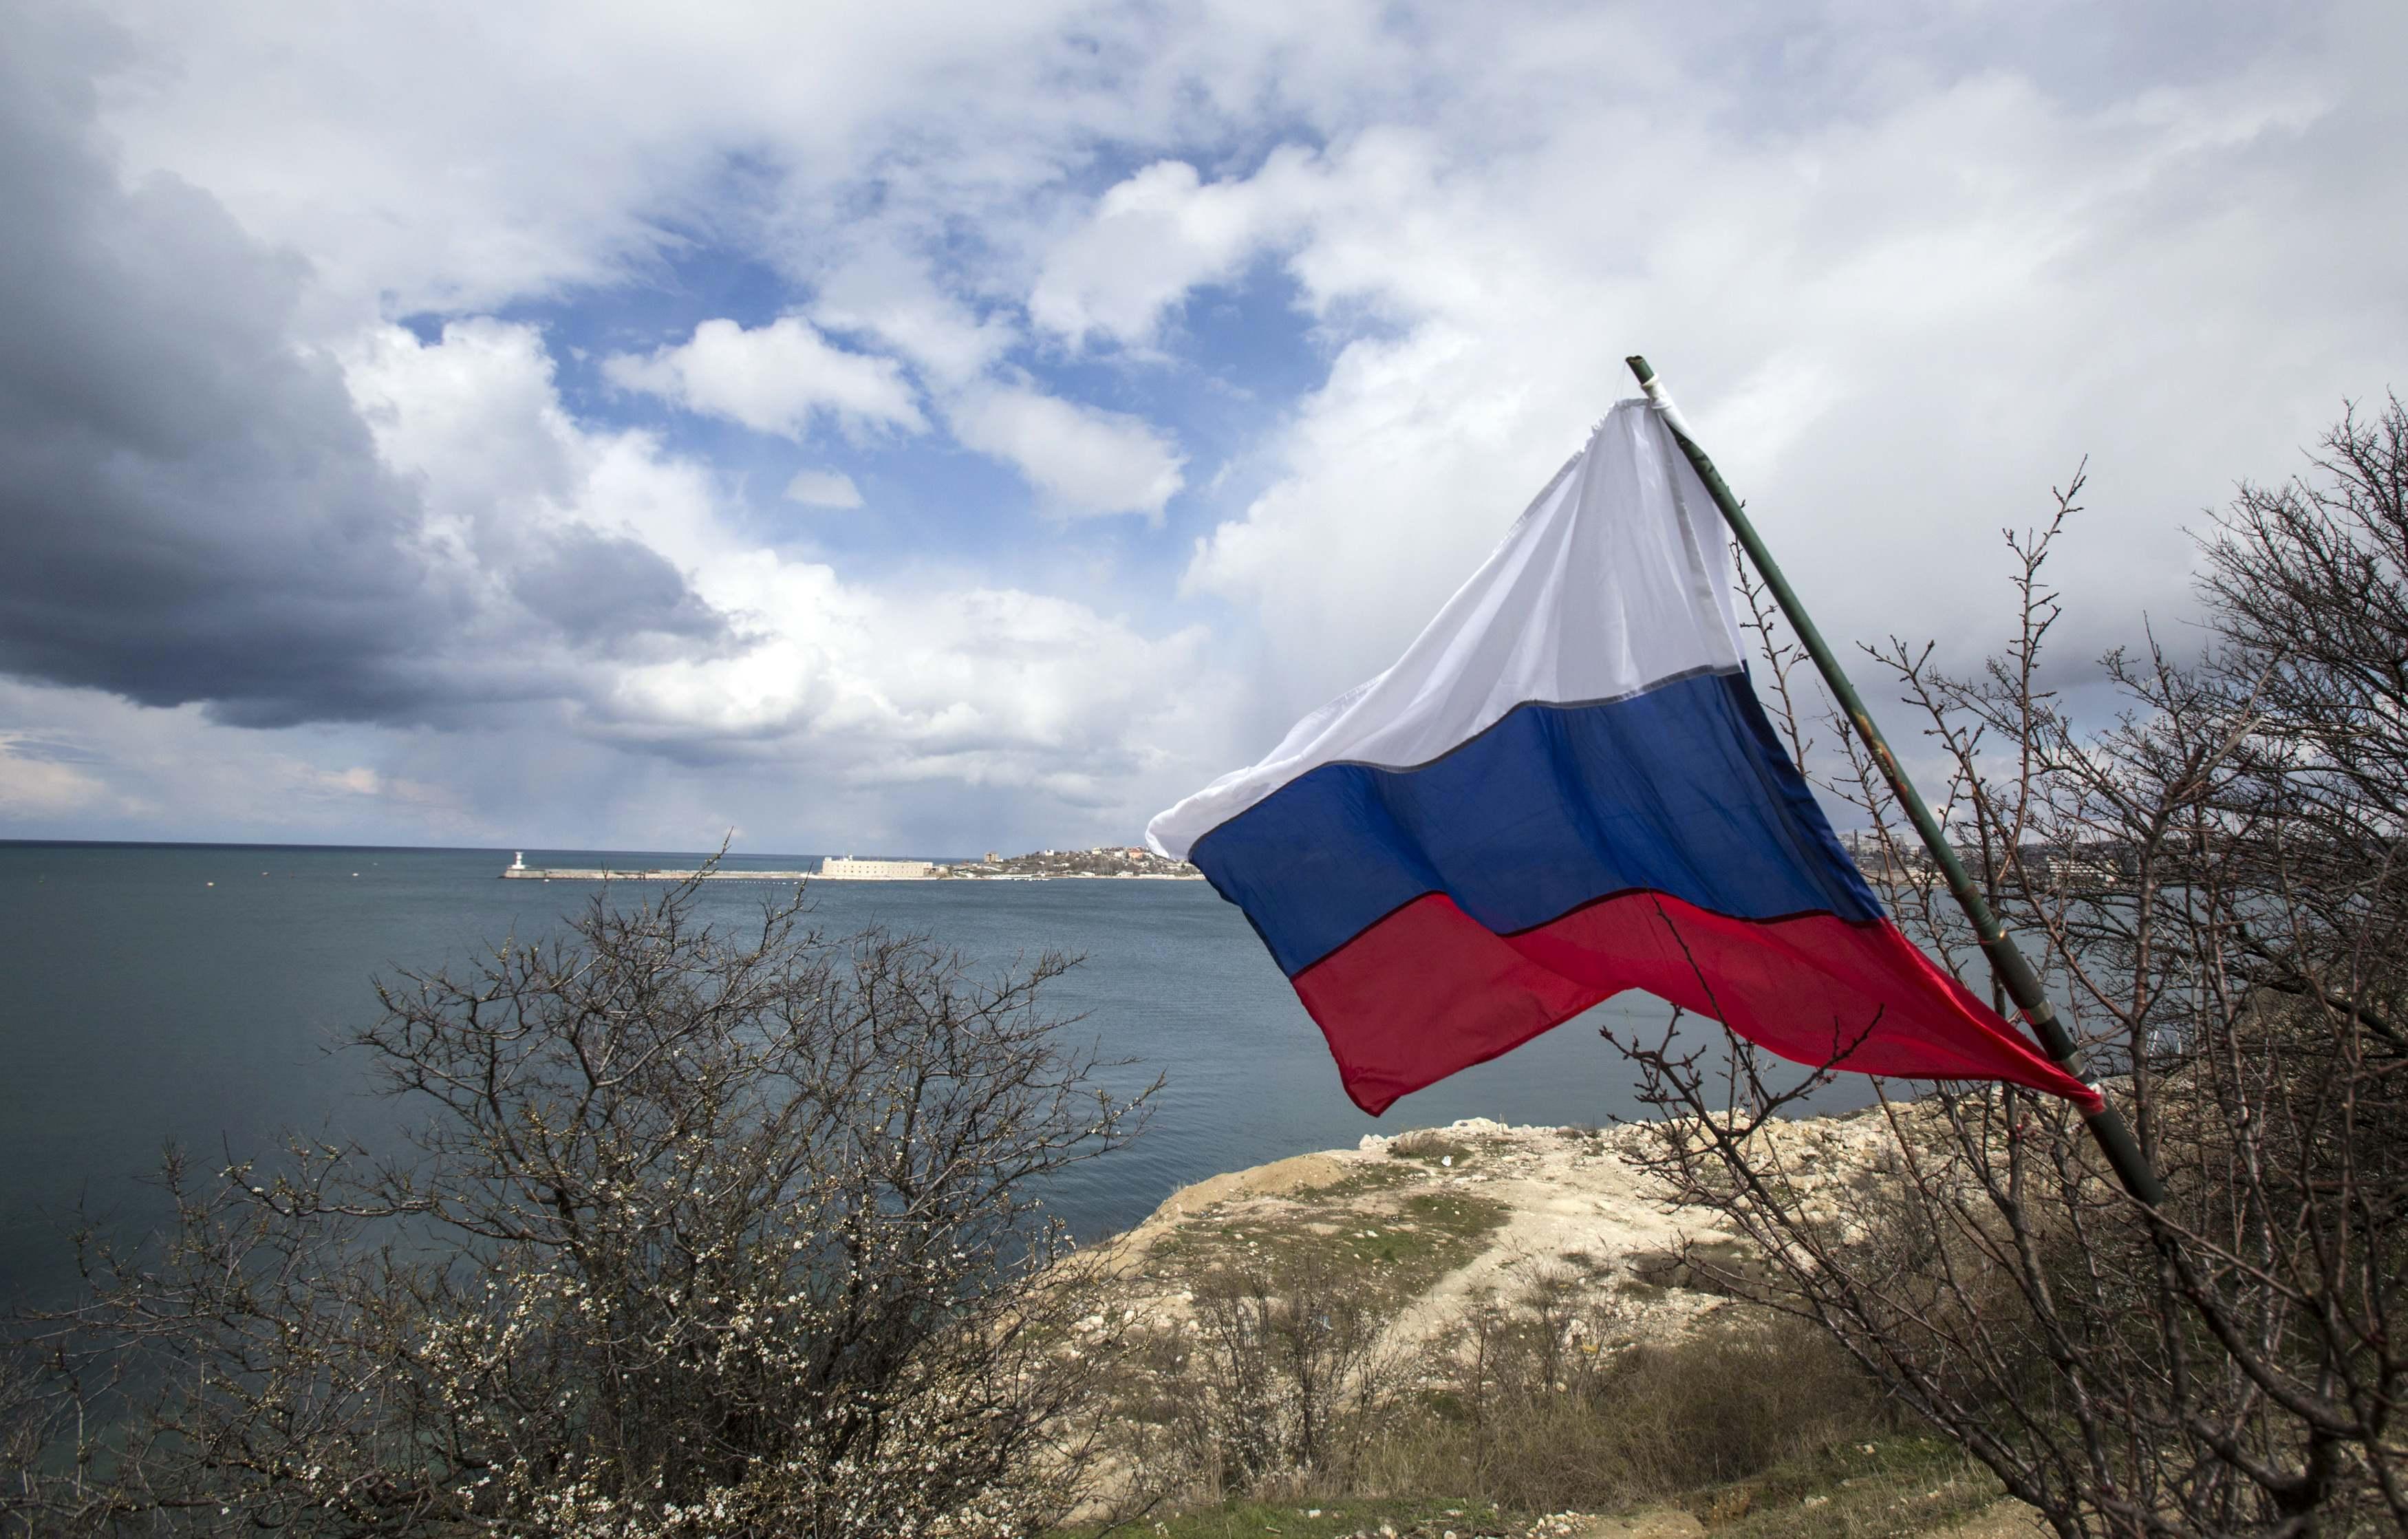 Генерал сообщил, что новая цель пропаганды РФ — построить мечту Владимира Путина